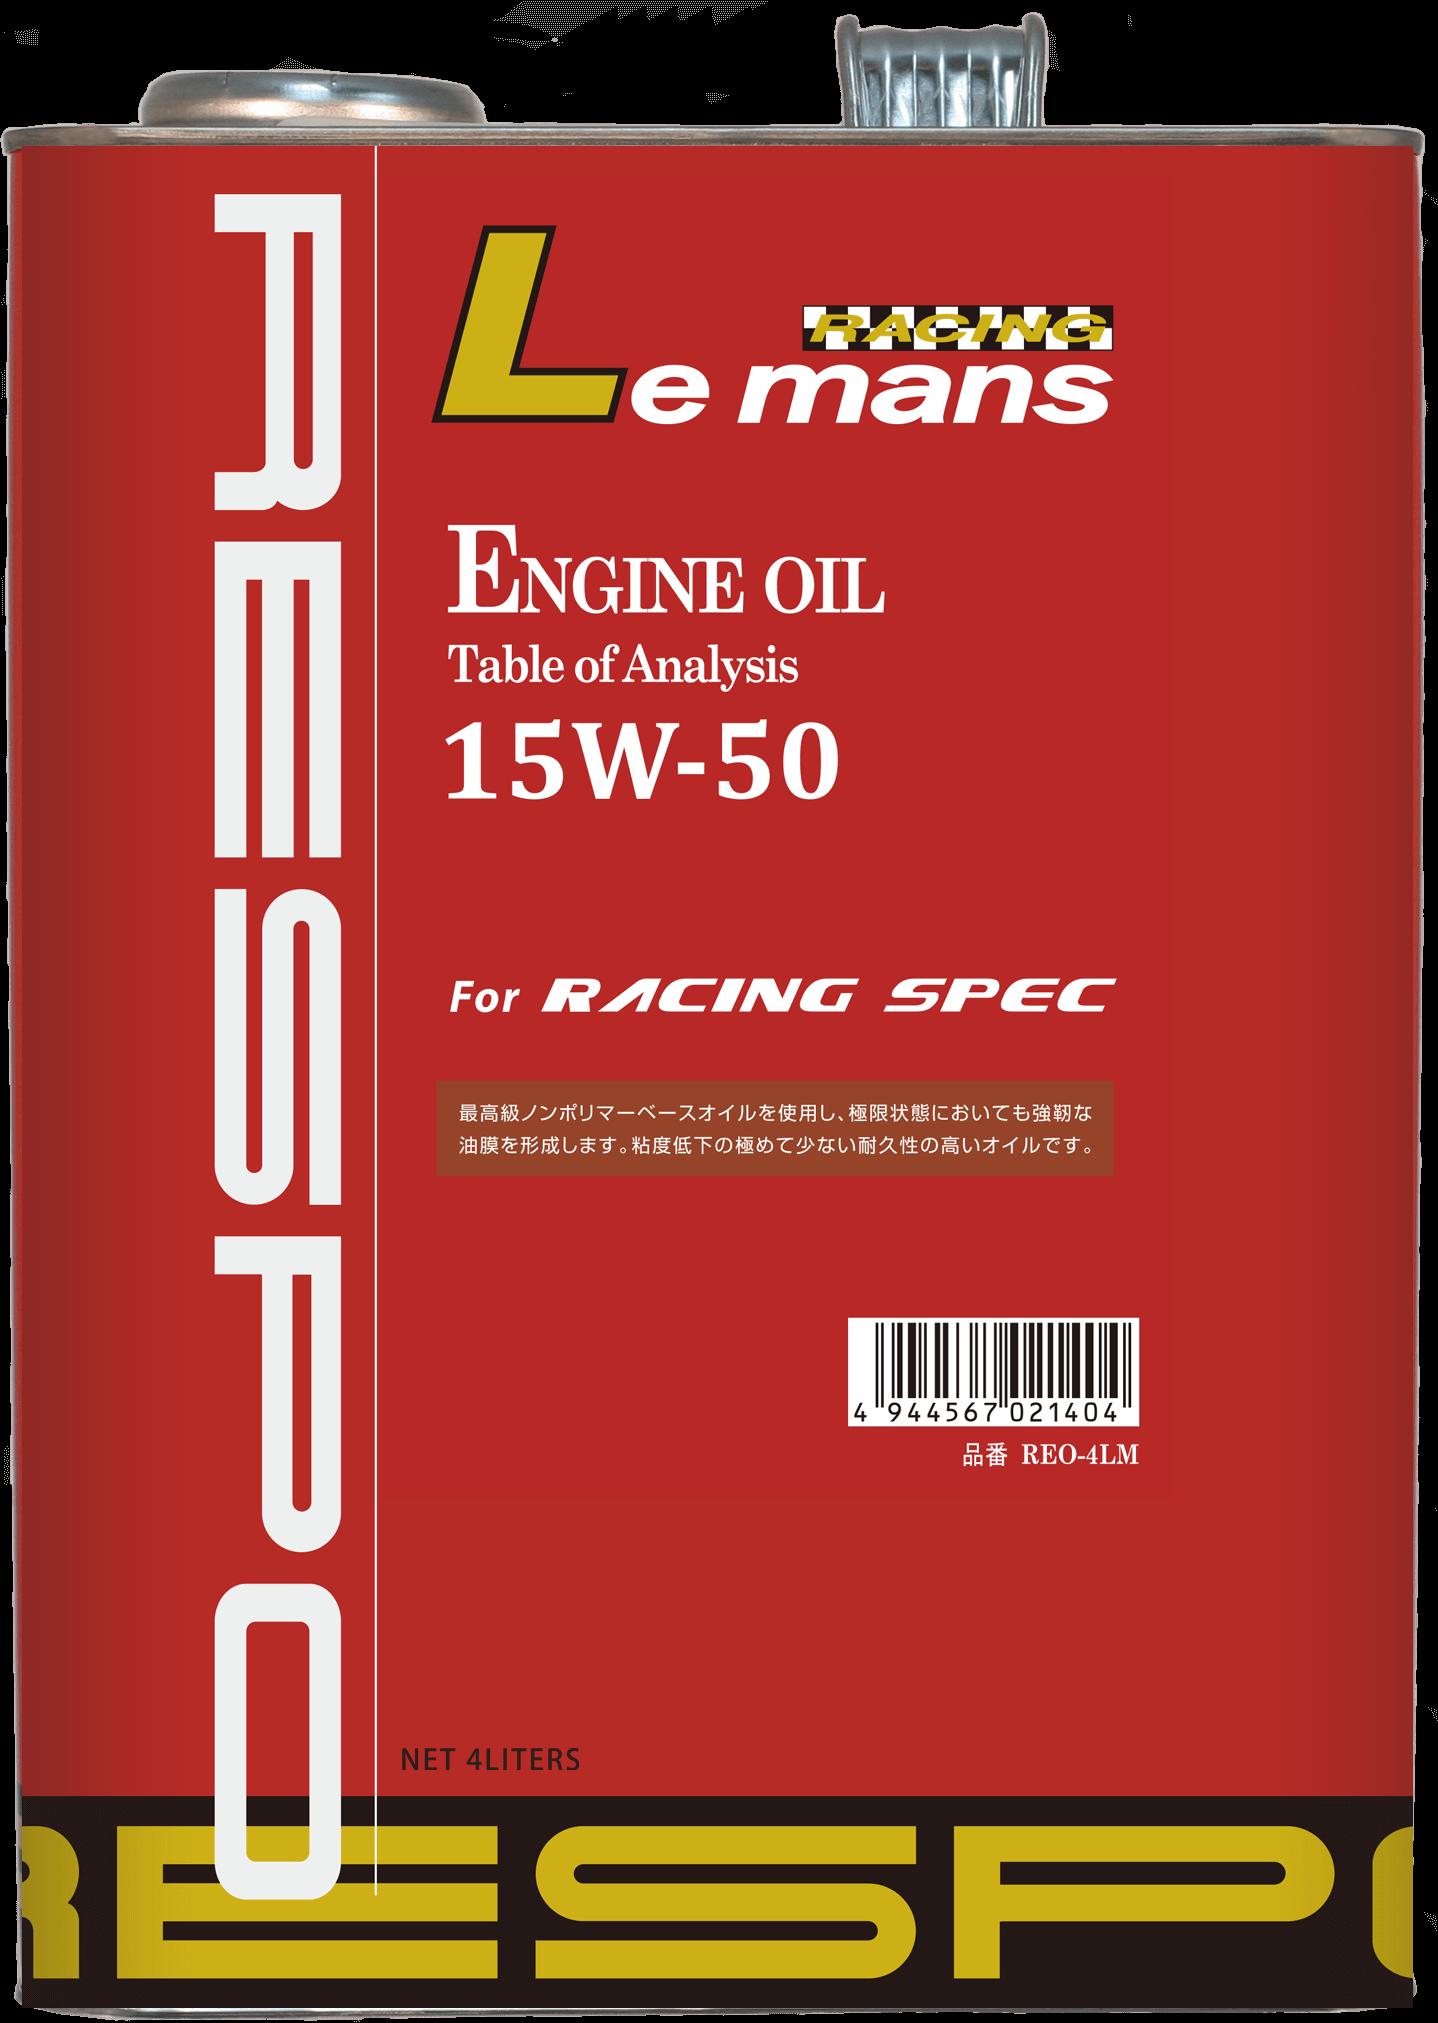 Le mans 15w-50